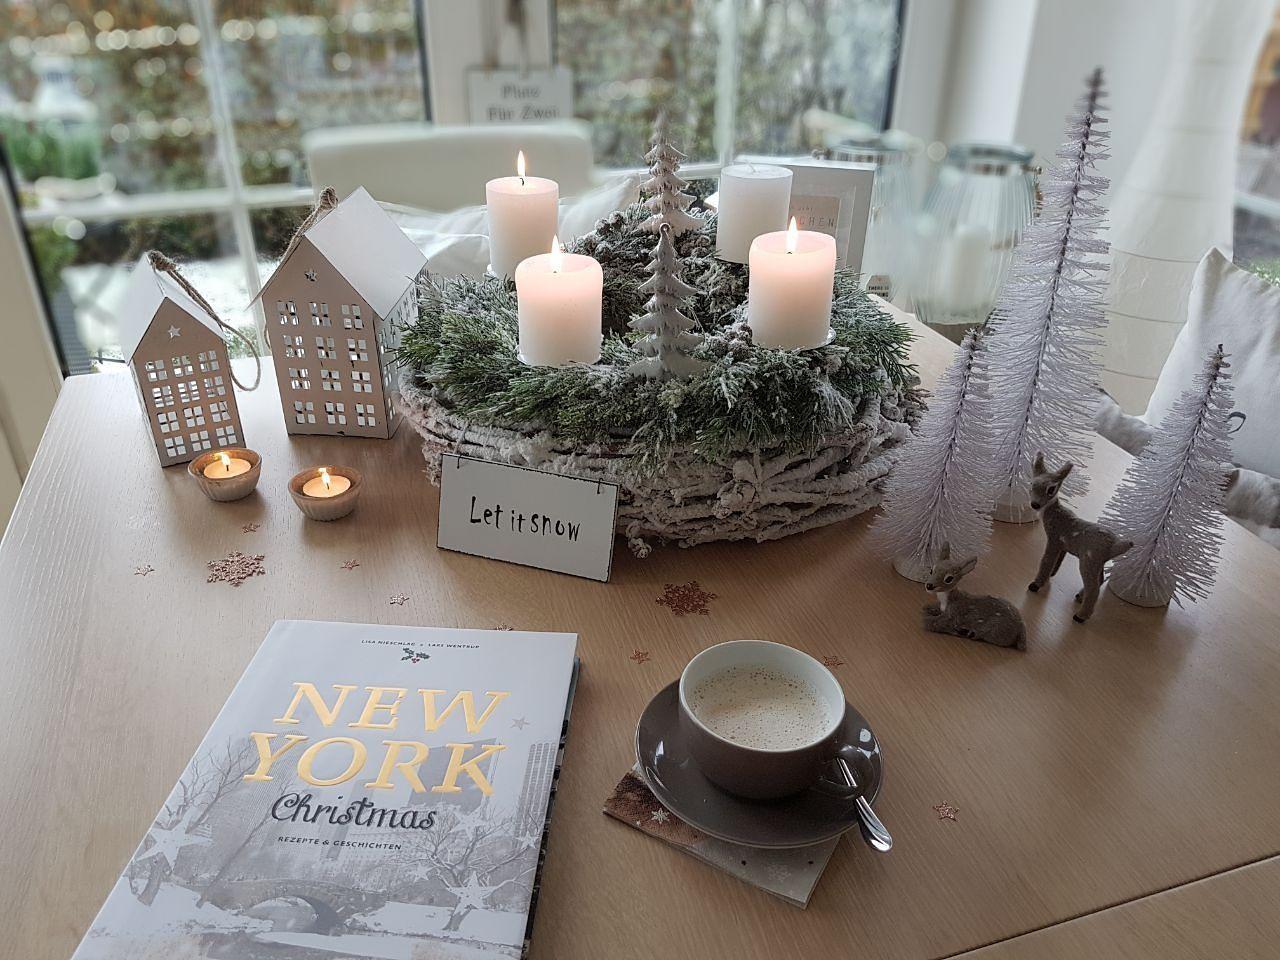 Wohnideen York merry alle wohnideen zum thema weihnachten seite 118